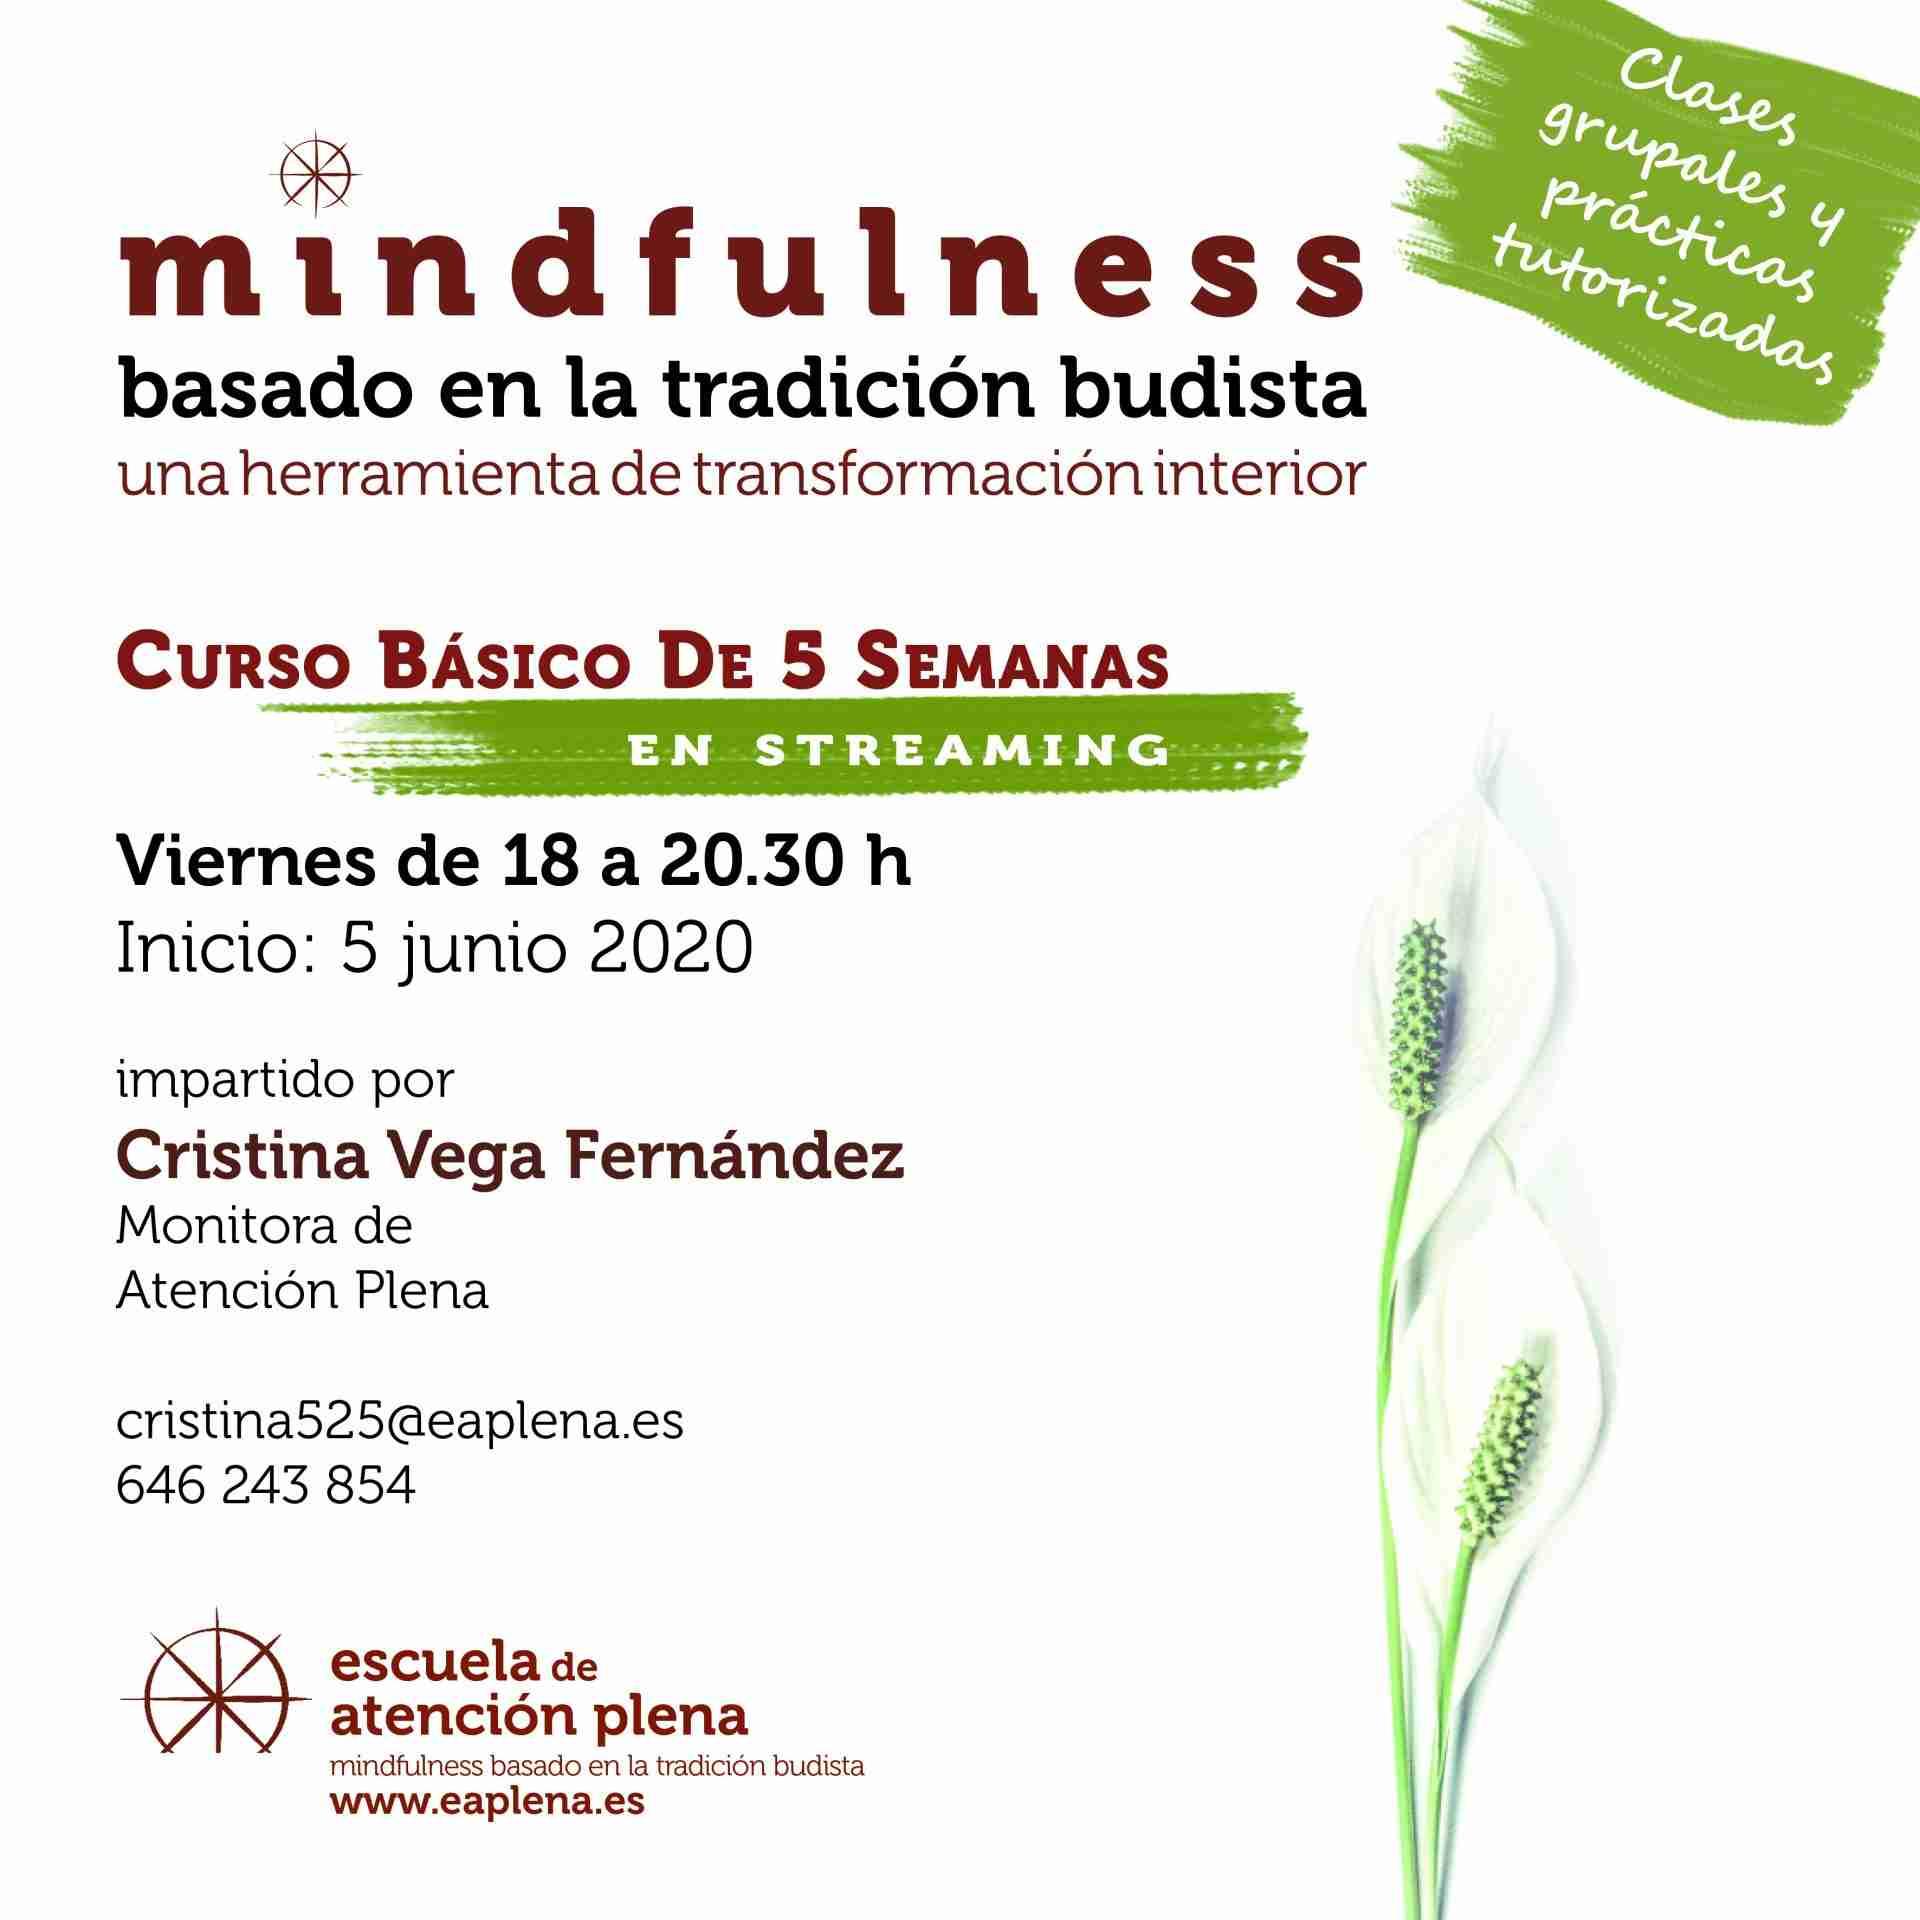 Curso Básico de 5 Semanas en streaming 4 525 Vega Fernández Cristina 05-06-2020